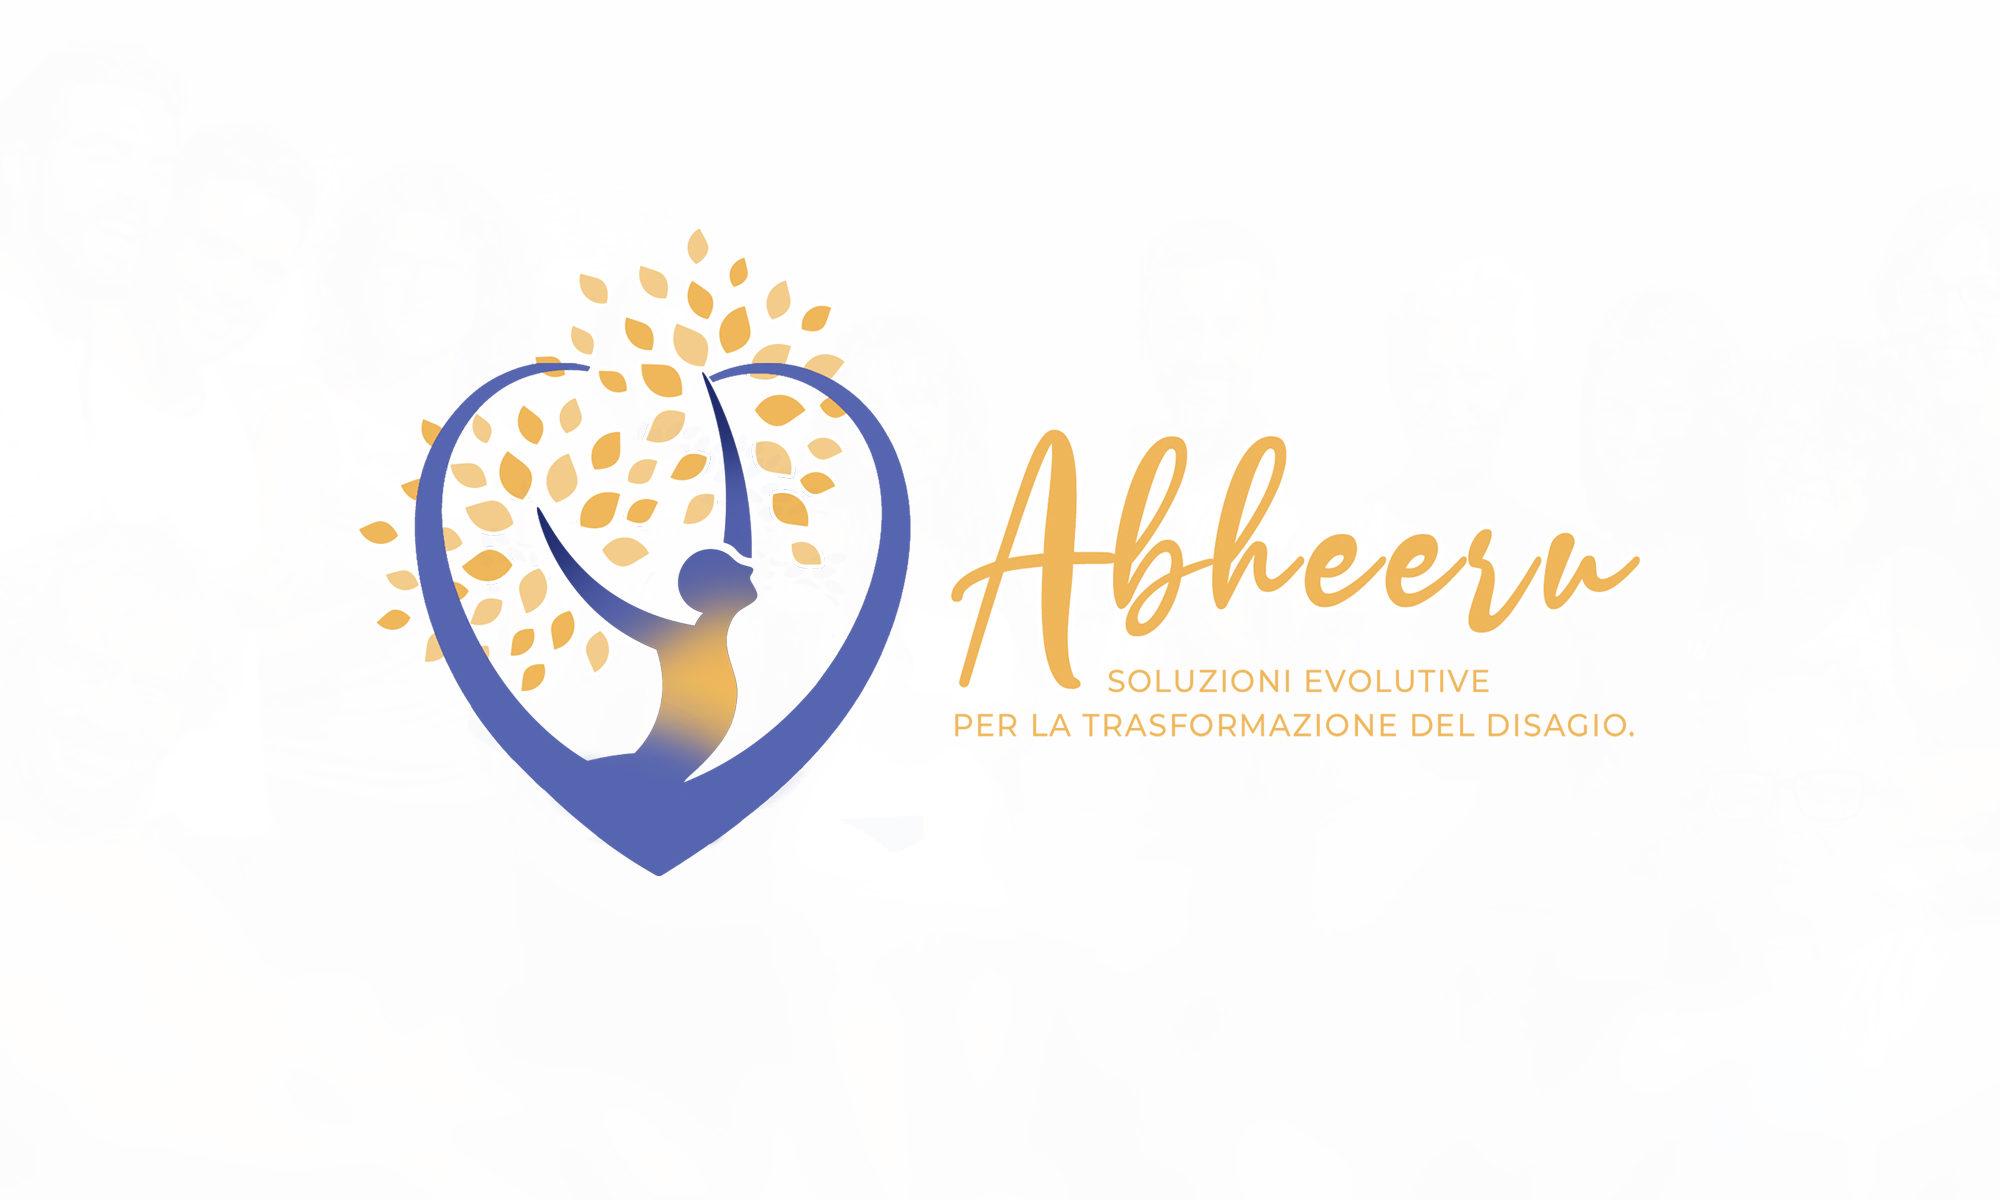 Abheeru